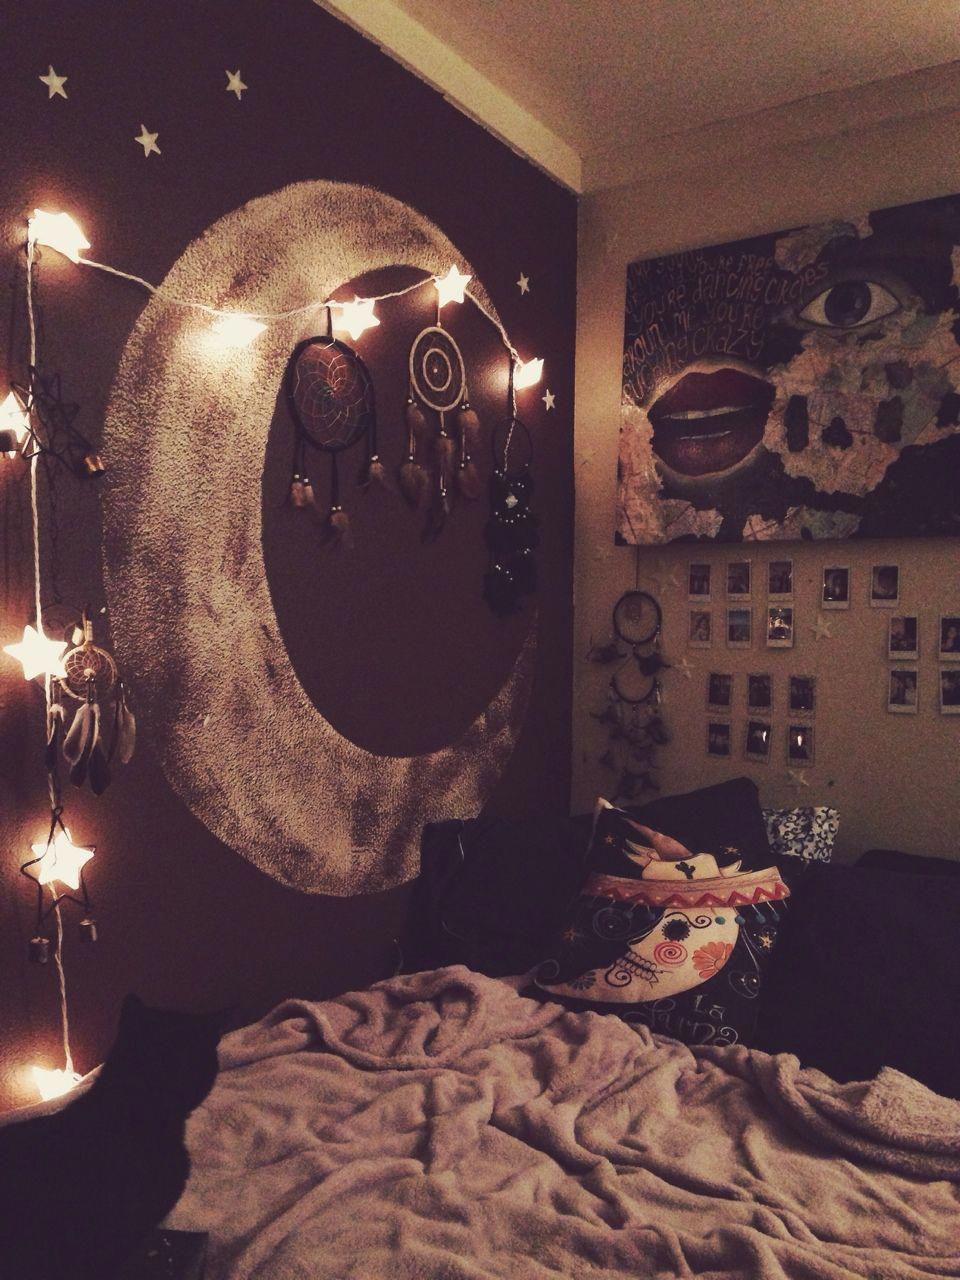 Moon on the wall ue bedroom decor for teen girls diy photo walls